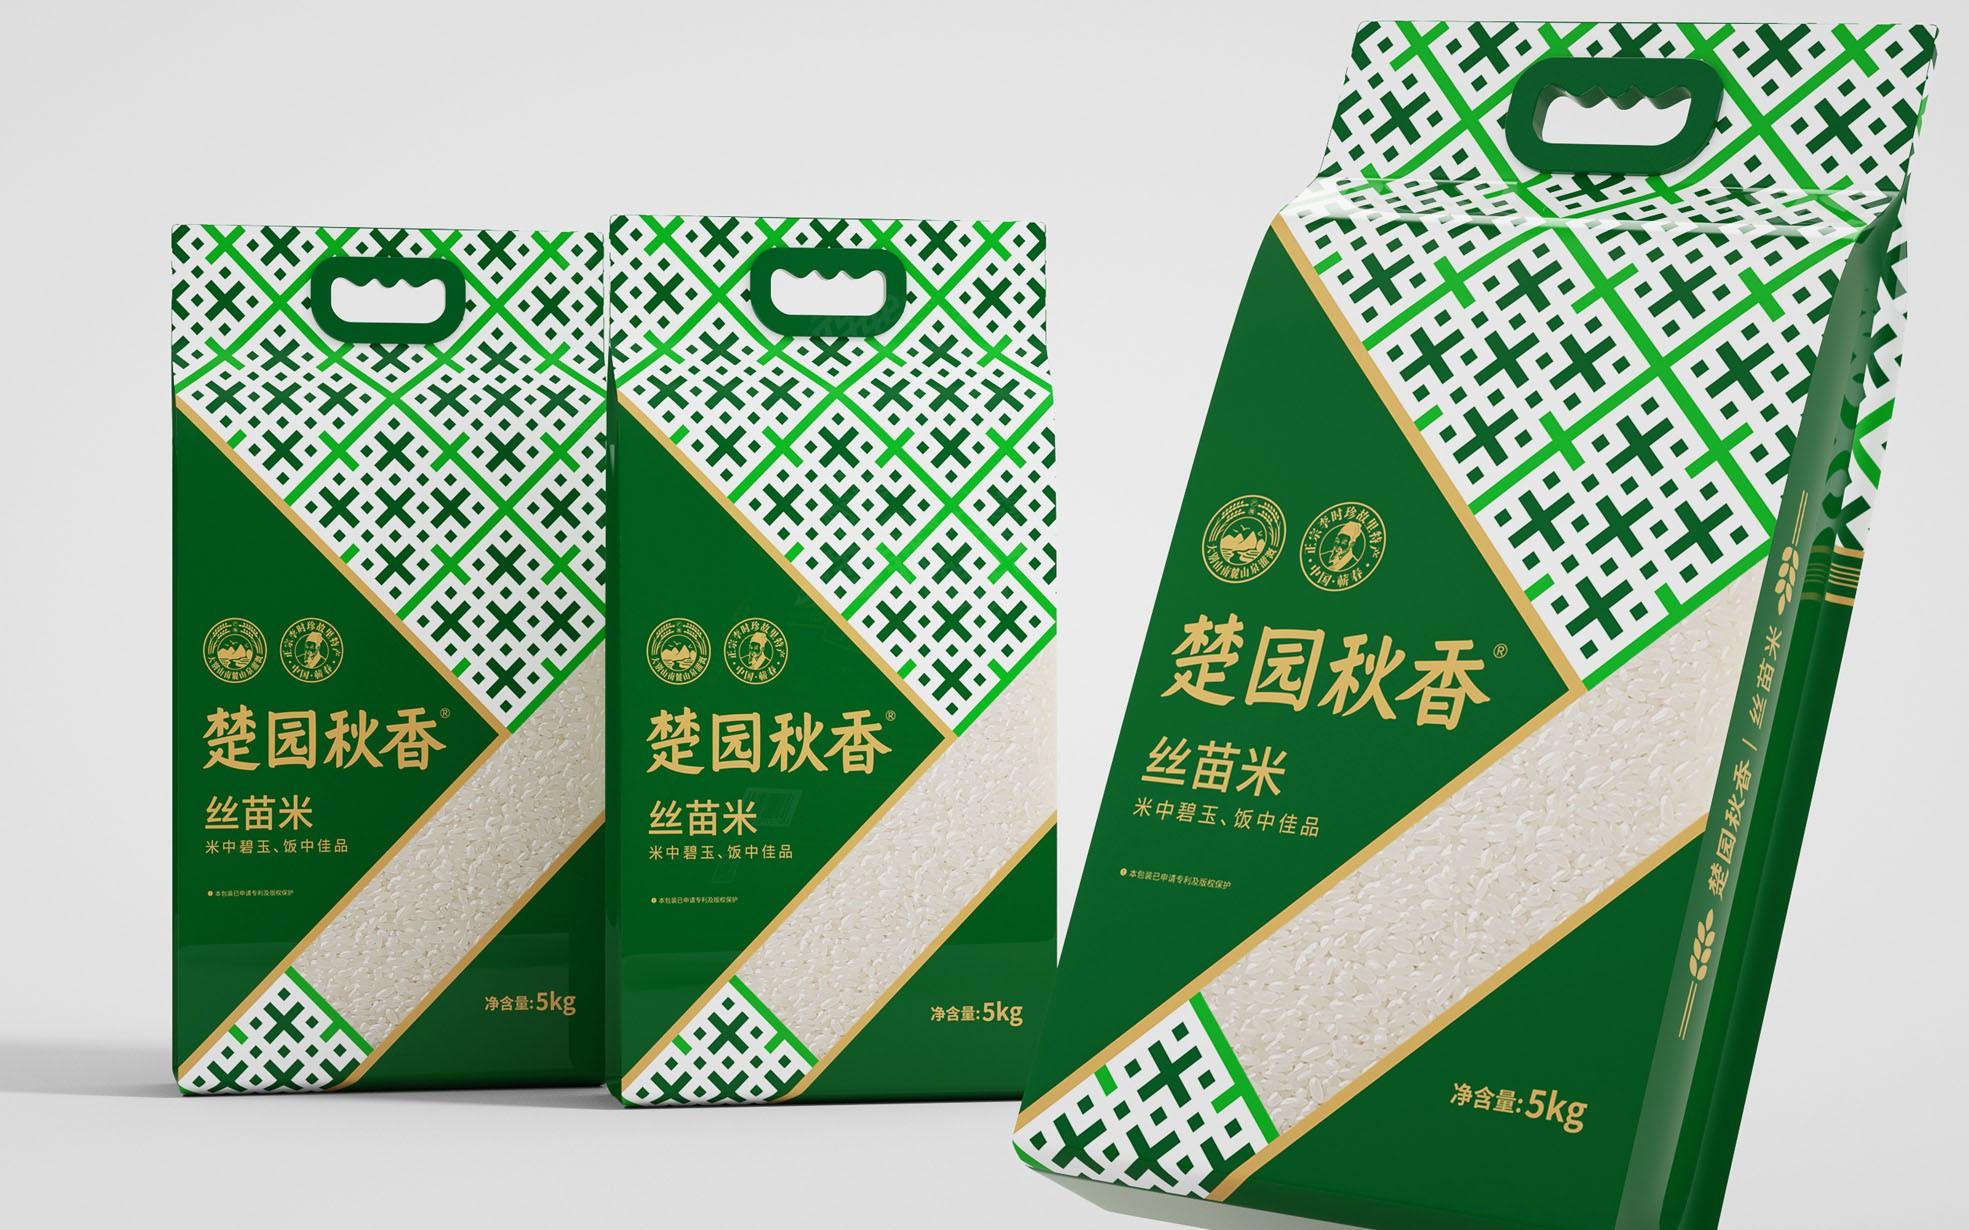 大米包装设计图